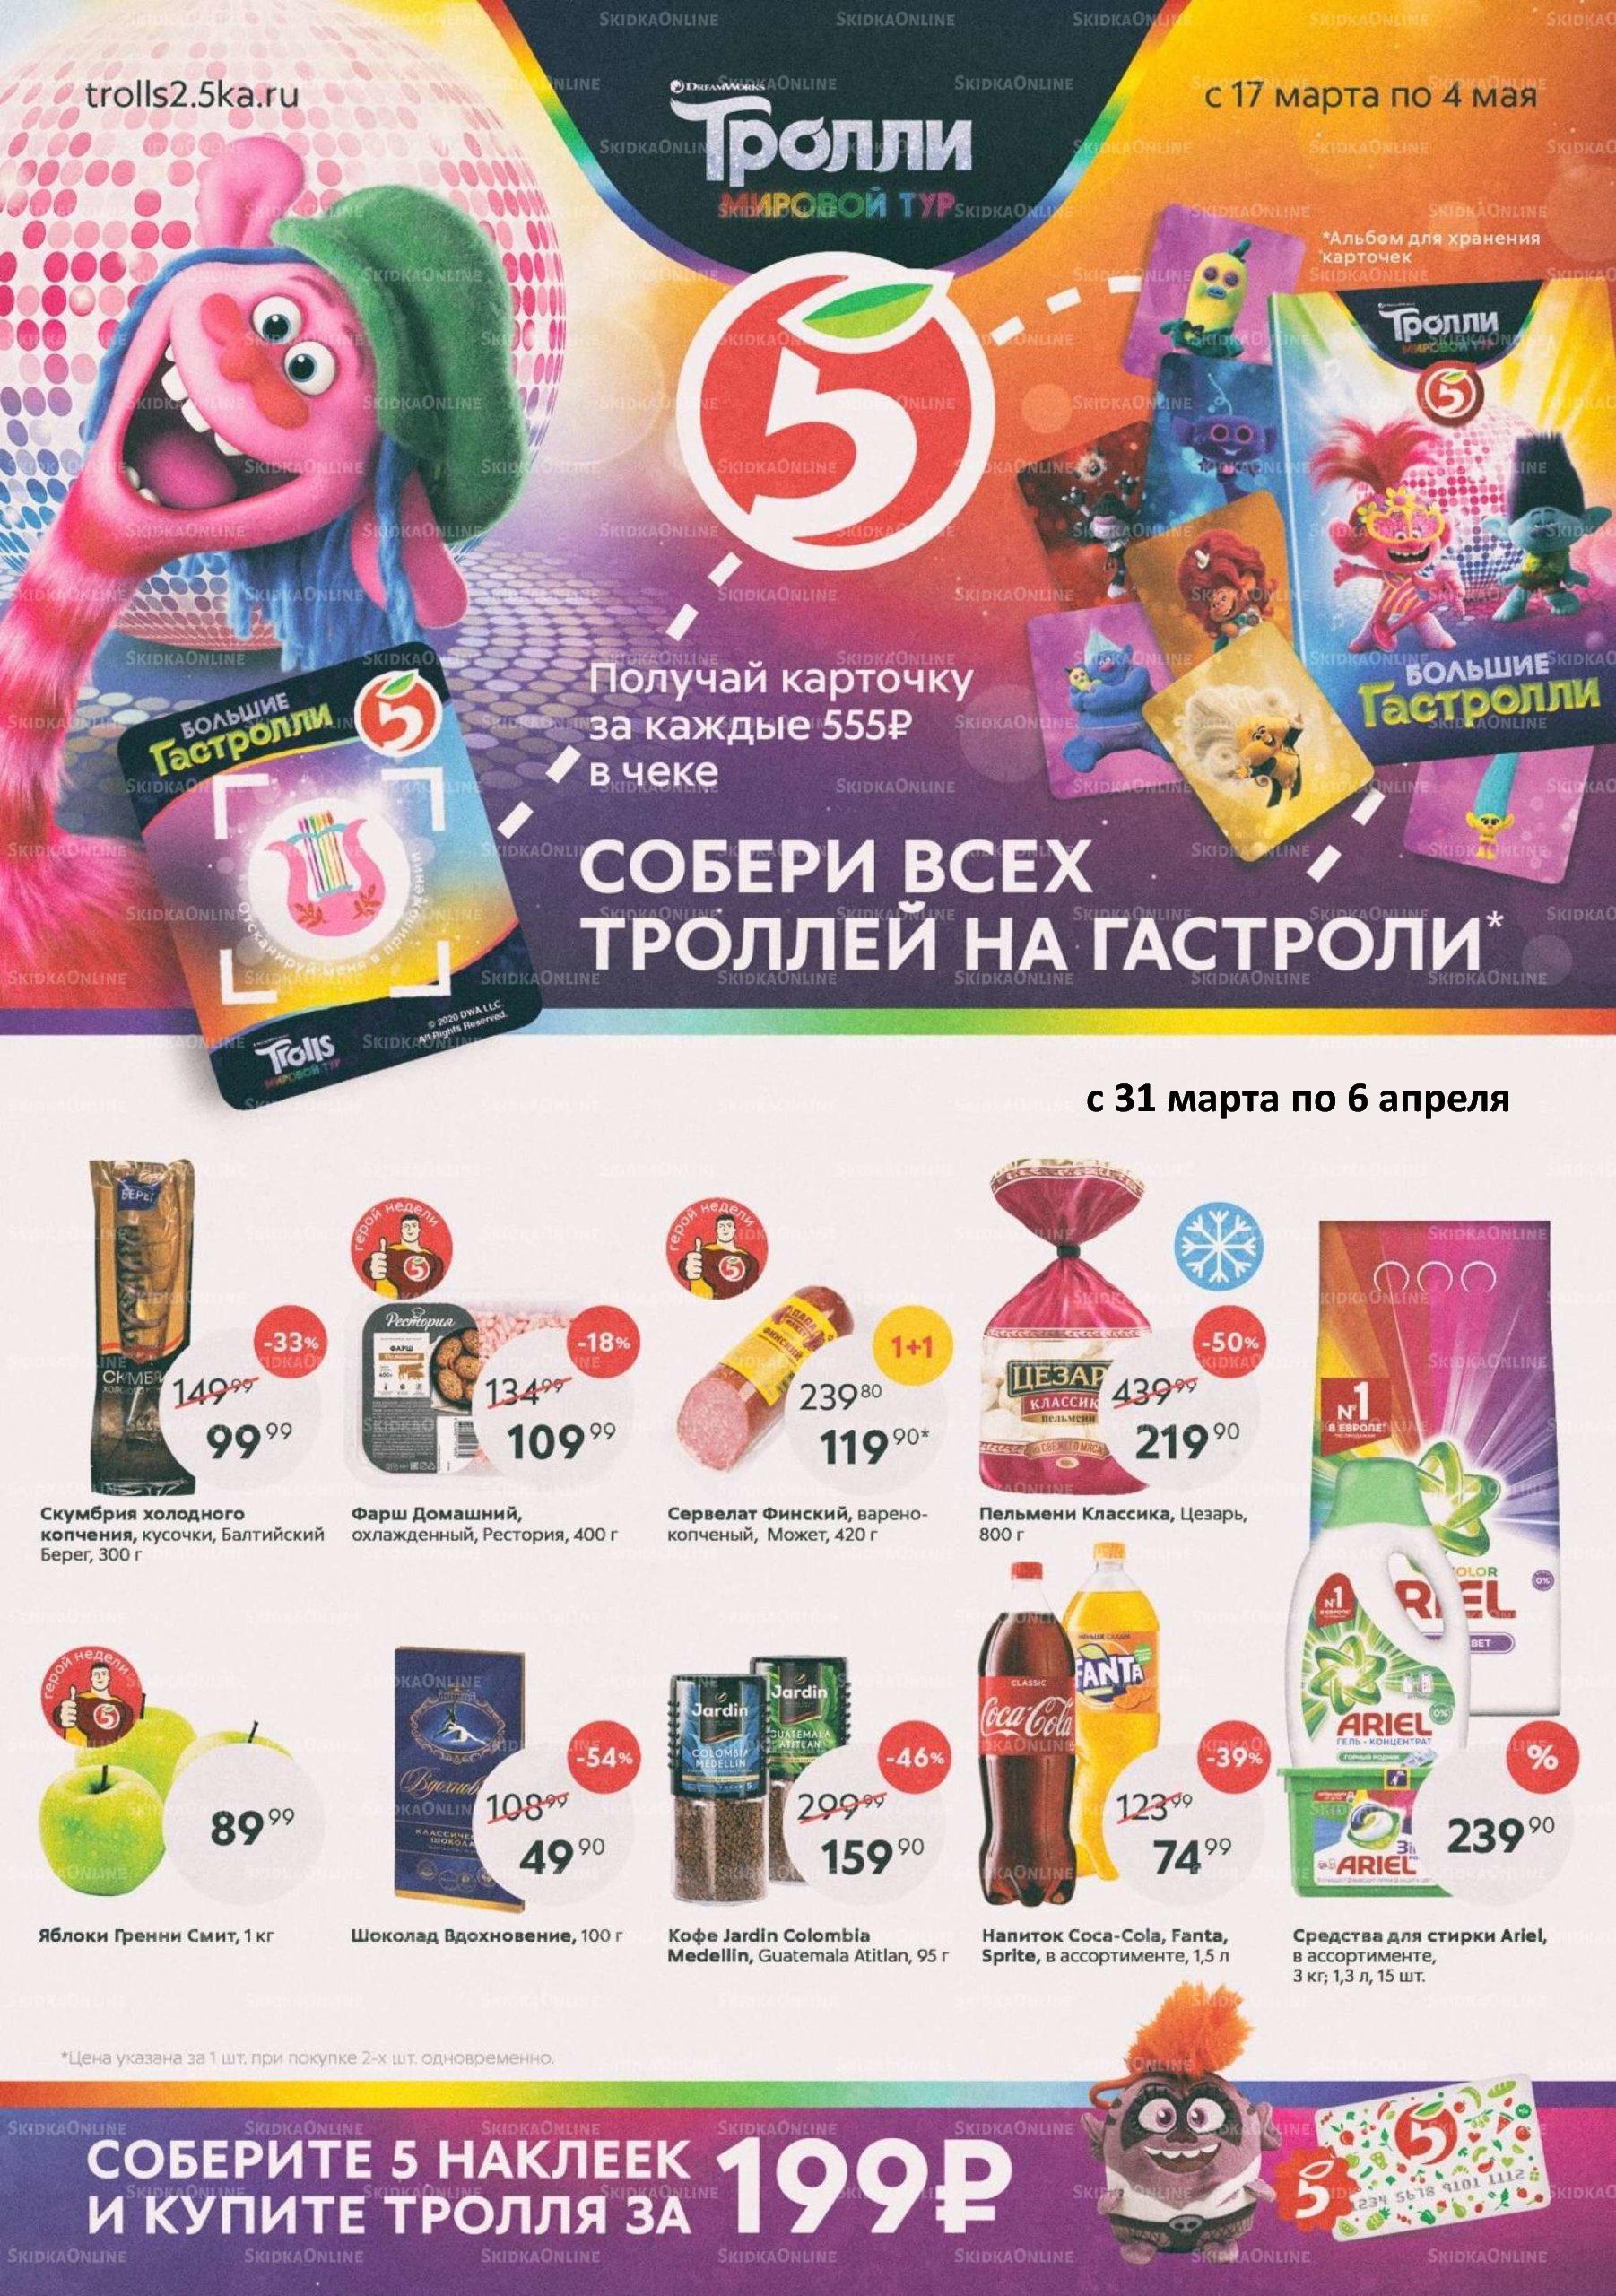 Акции в Пятёрочке с 31 марта по 6 апреля 2020 года